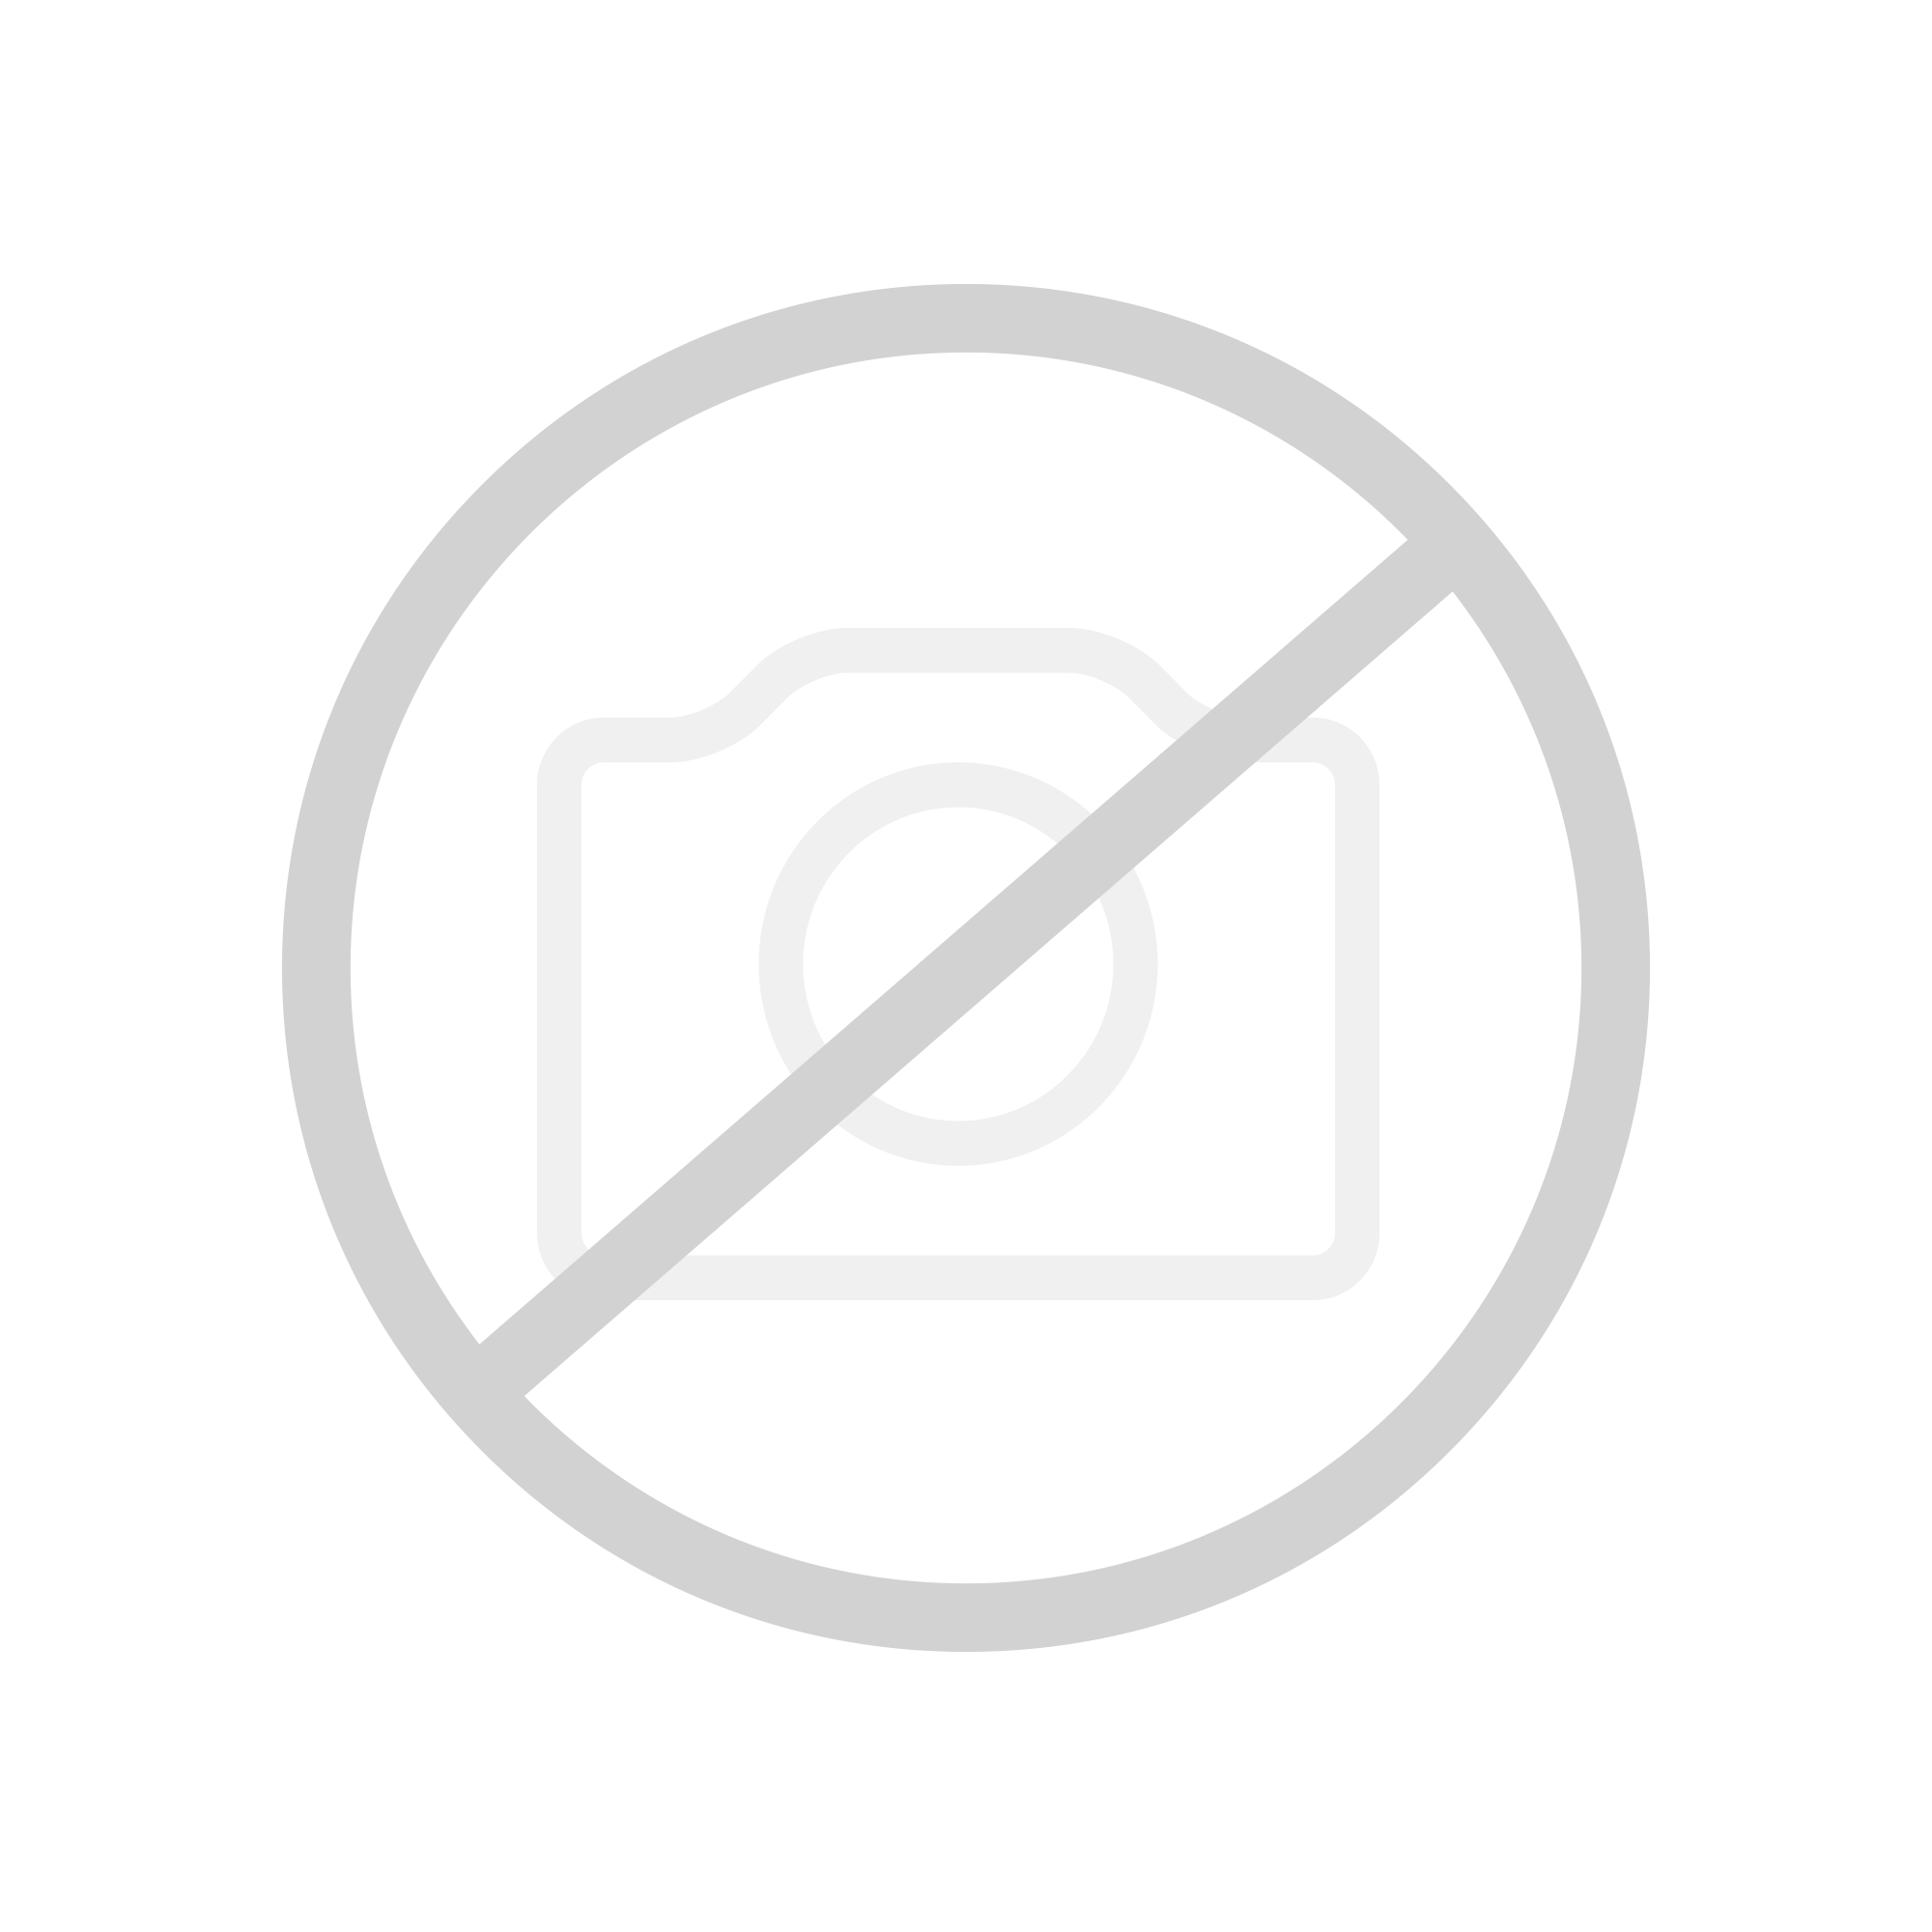 Blanco Linus Einhebelmischer, Ausladung 219 mm, für Niederdruck chrom